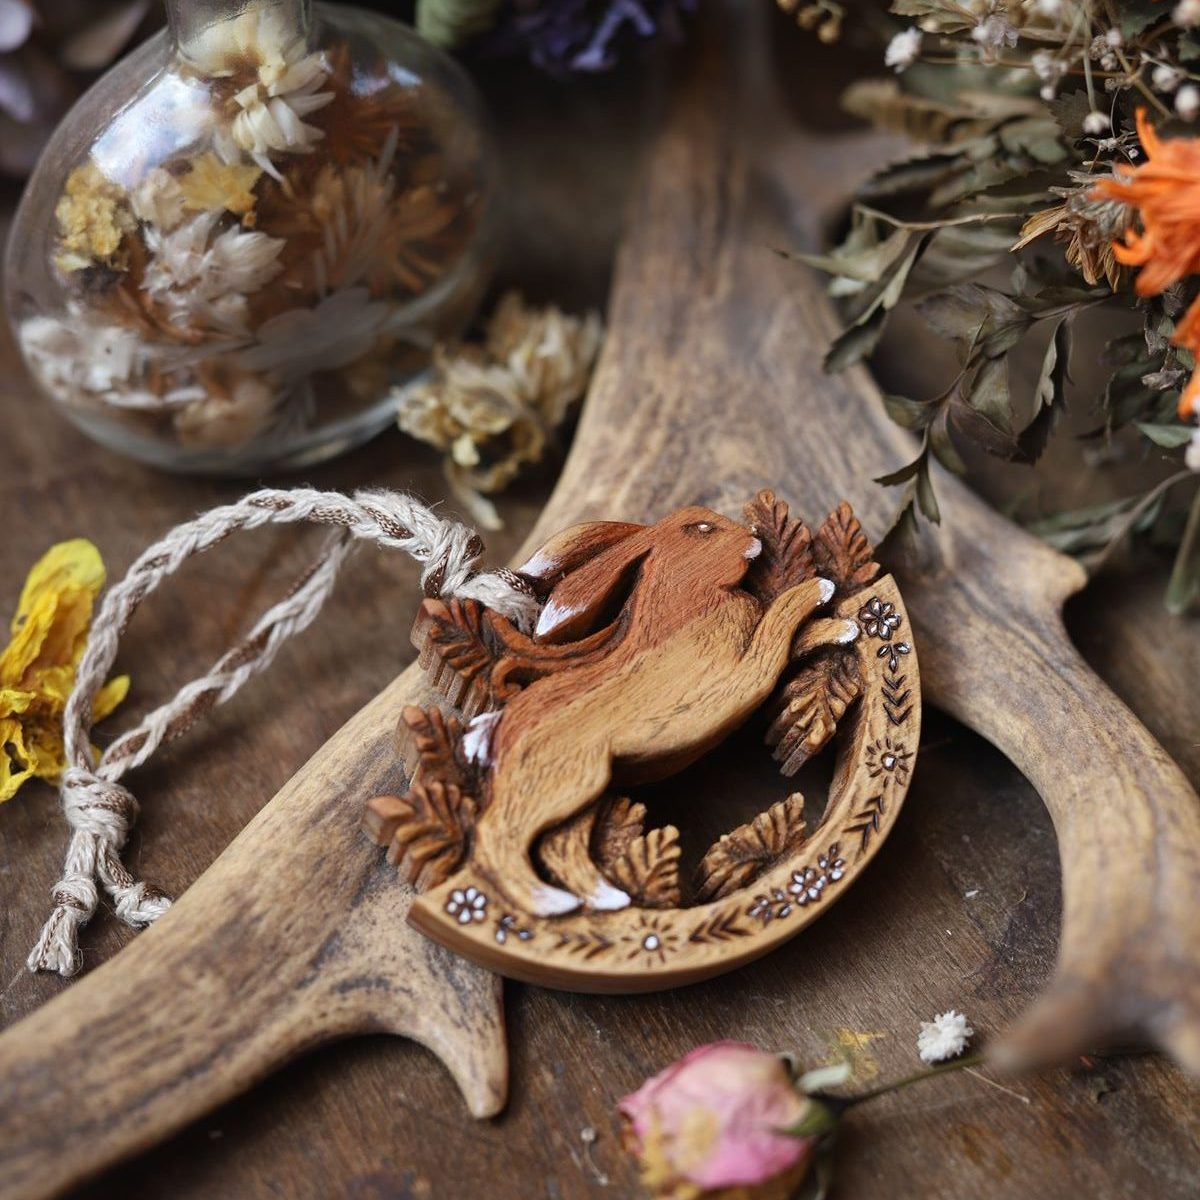 Lapin, sculpture, décoration, bois, artisanat français, pâques, ostara, printemps, atelier de la lettre aux ours, missive to bears, écologique